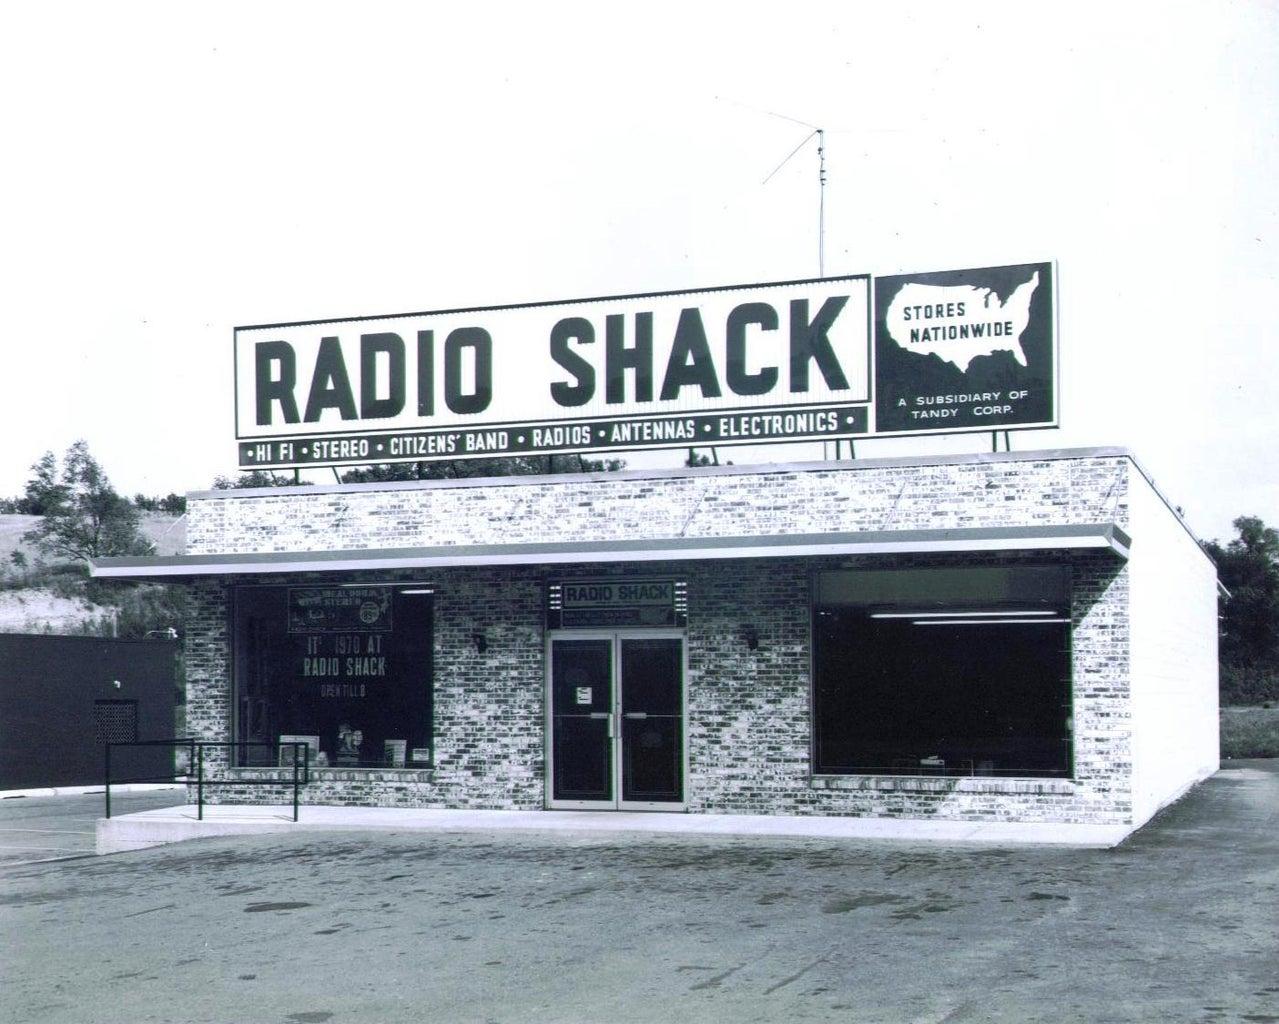 Radio Shack (storefront)